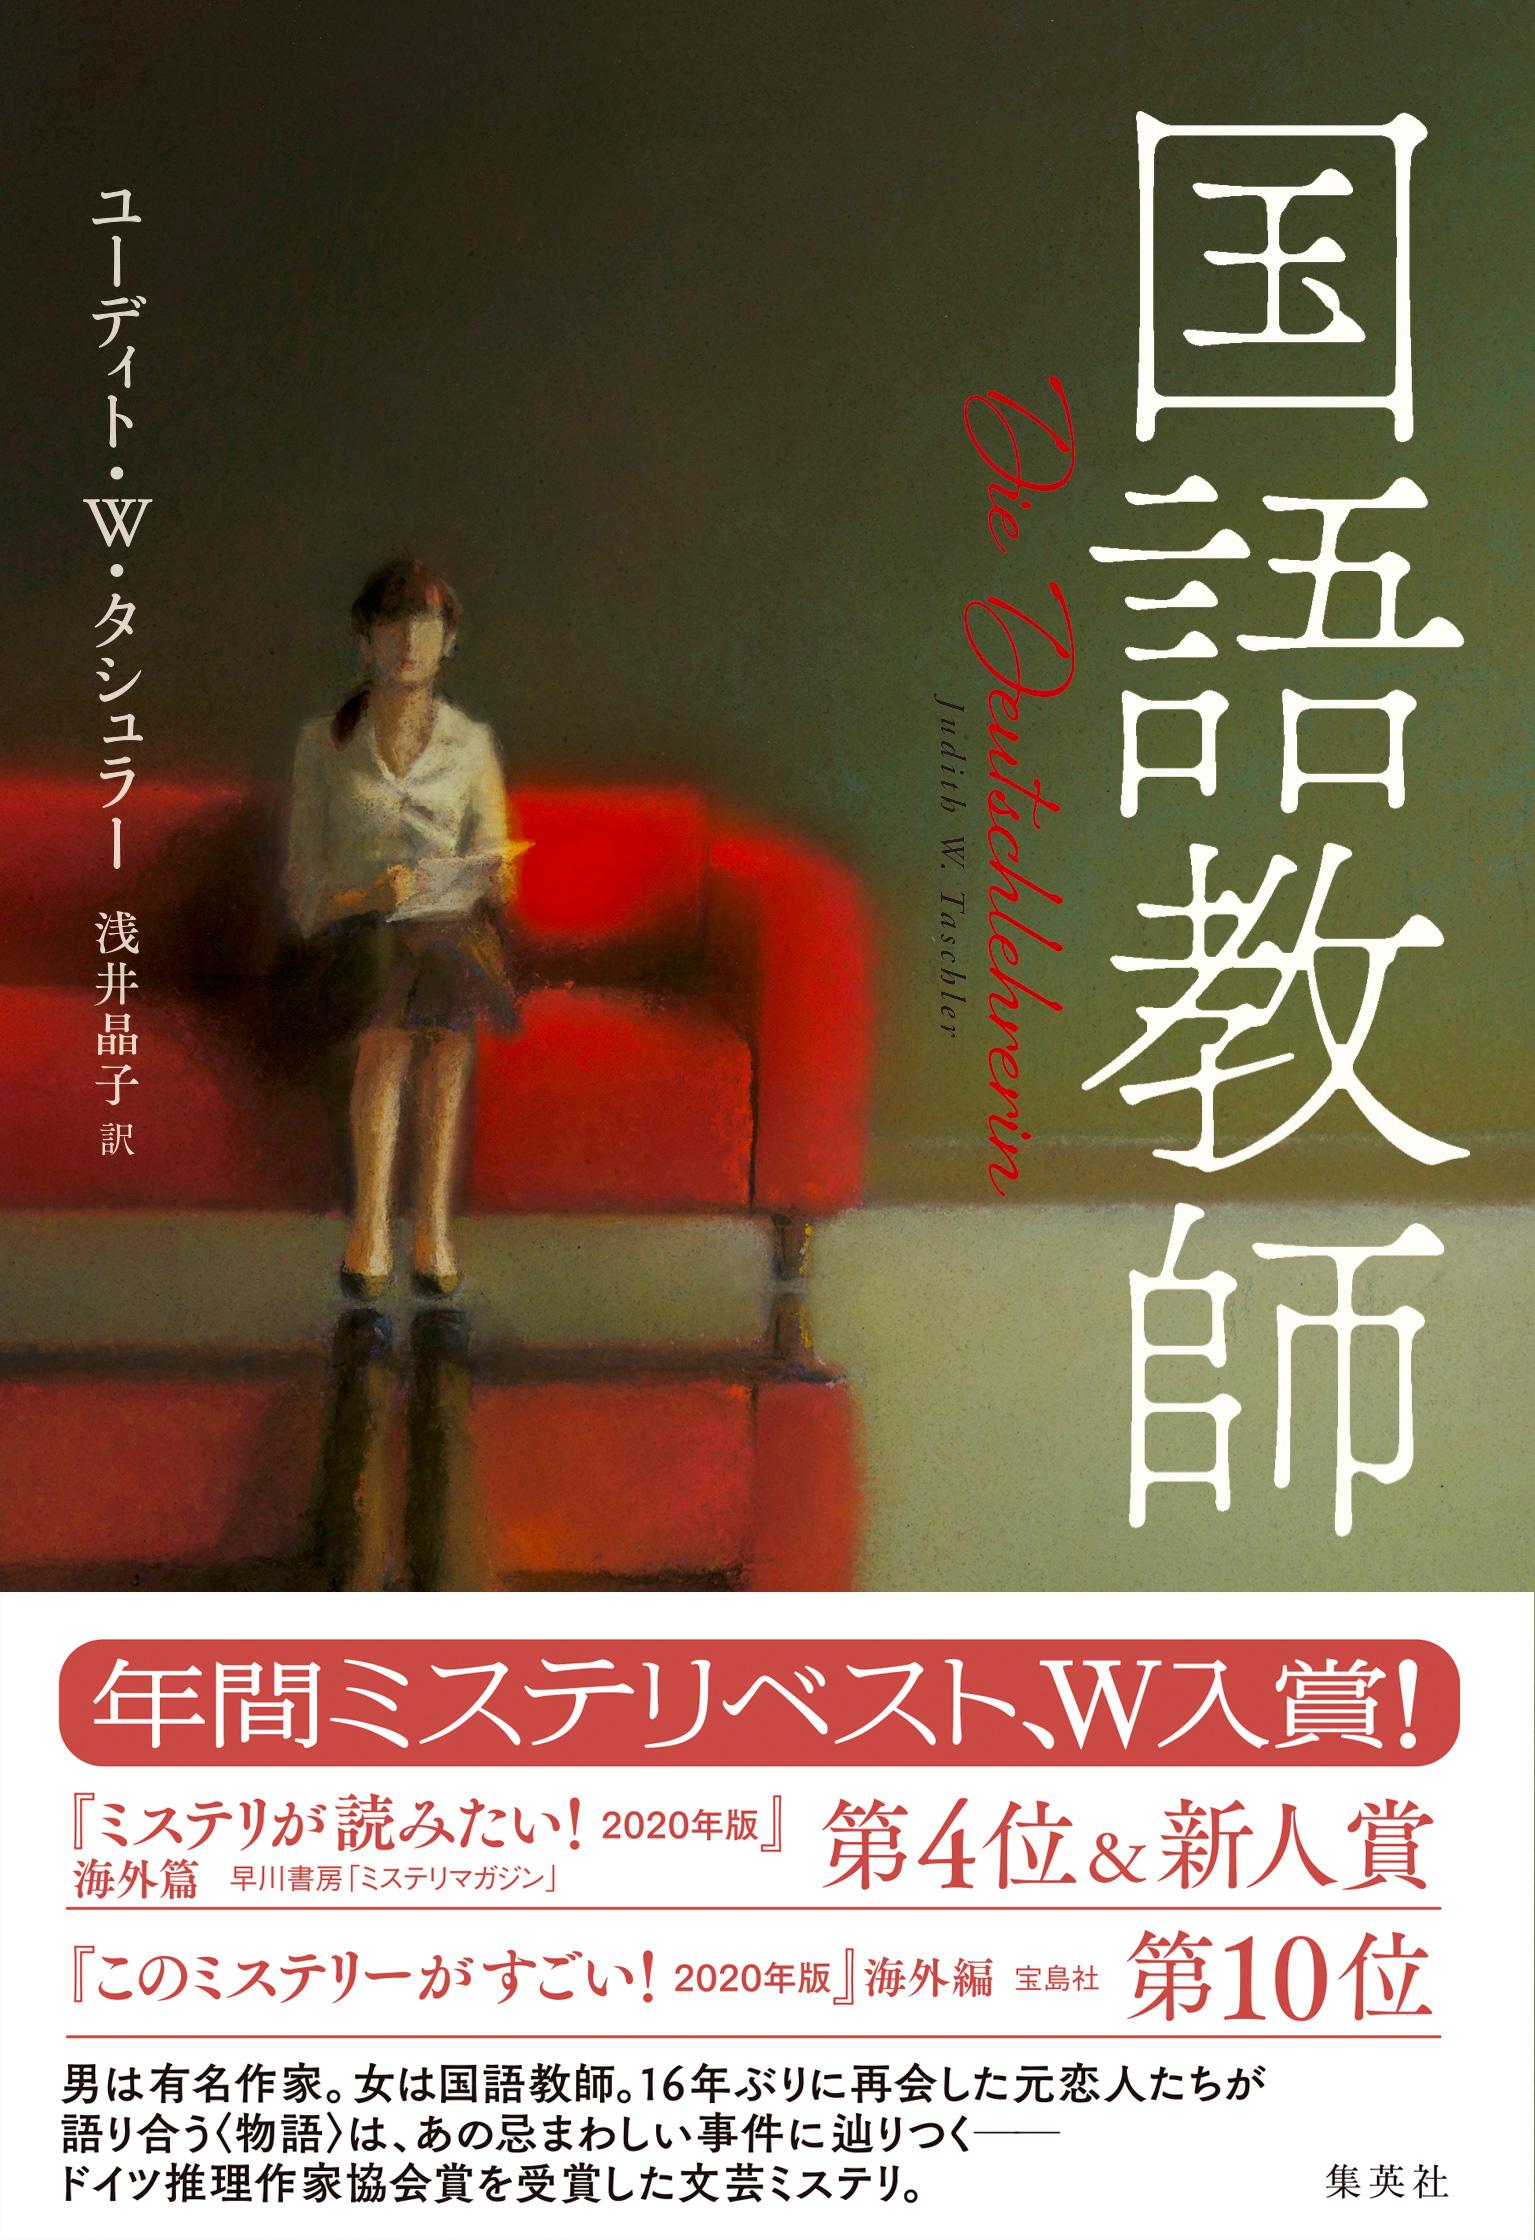 【小説】西尾維新みたいに言葉遊びが多い ...